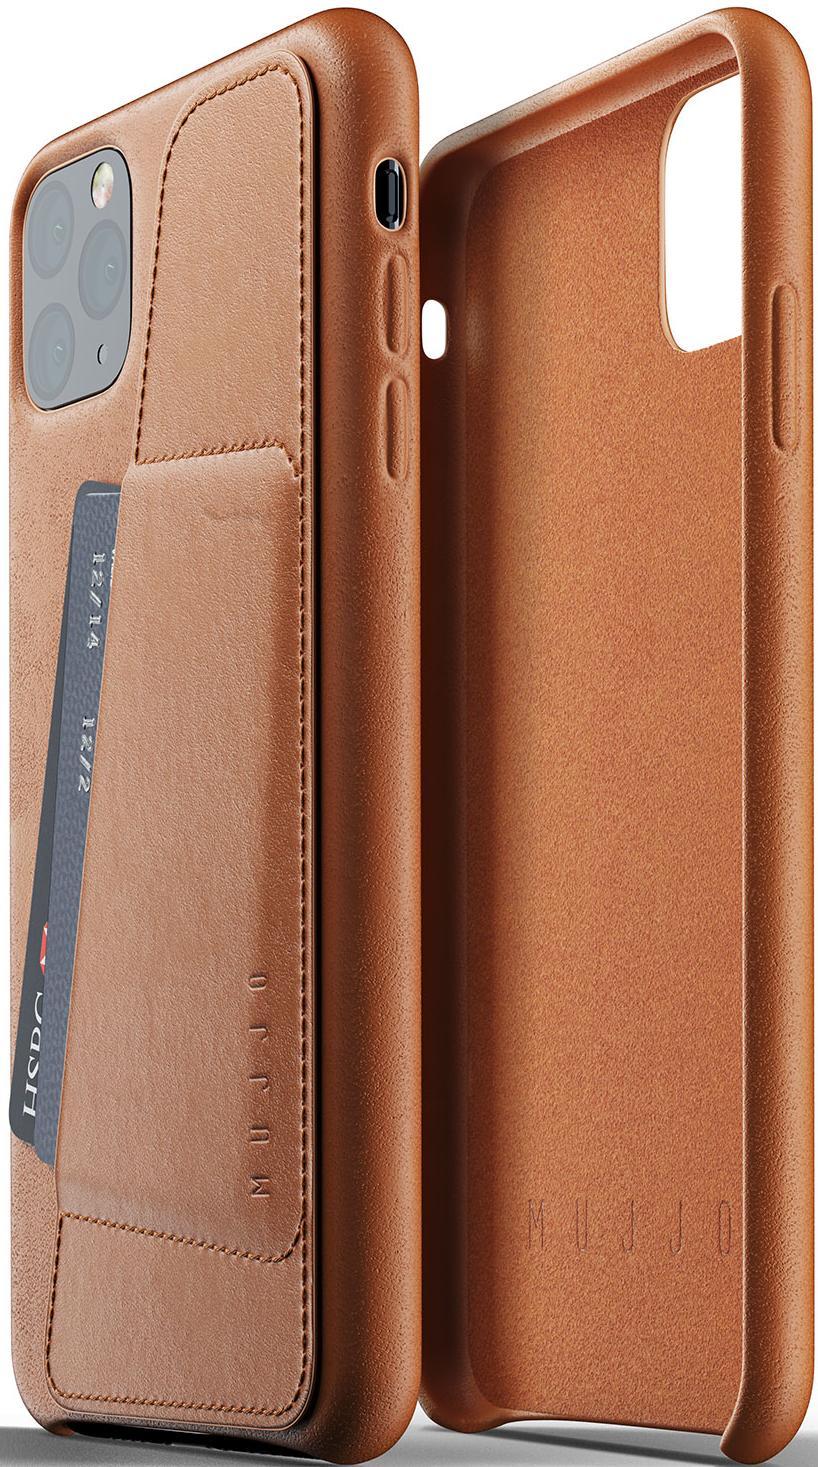 Купить Аксесуари для мобільних телефонів, Чохол MUJJO for iPhone 11 Pro Max - Full Leather Wallet Tan (MUJJO-CL-004-TN)